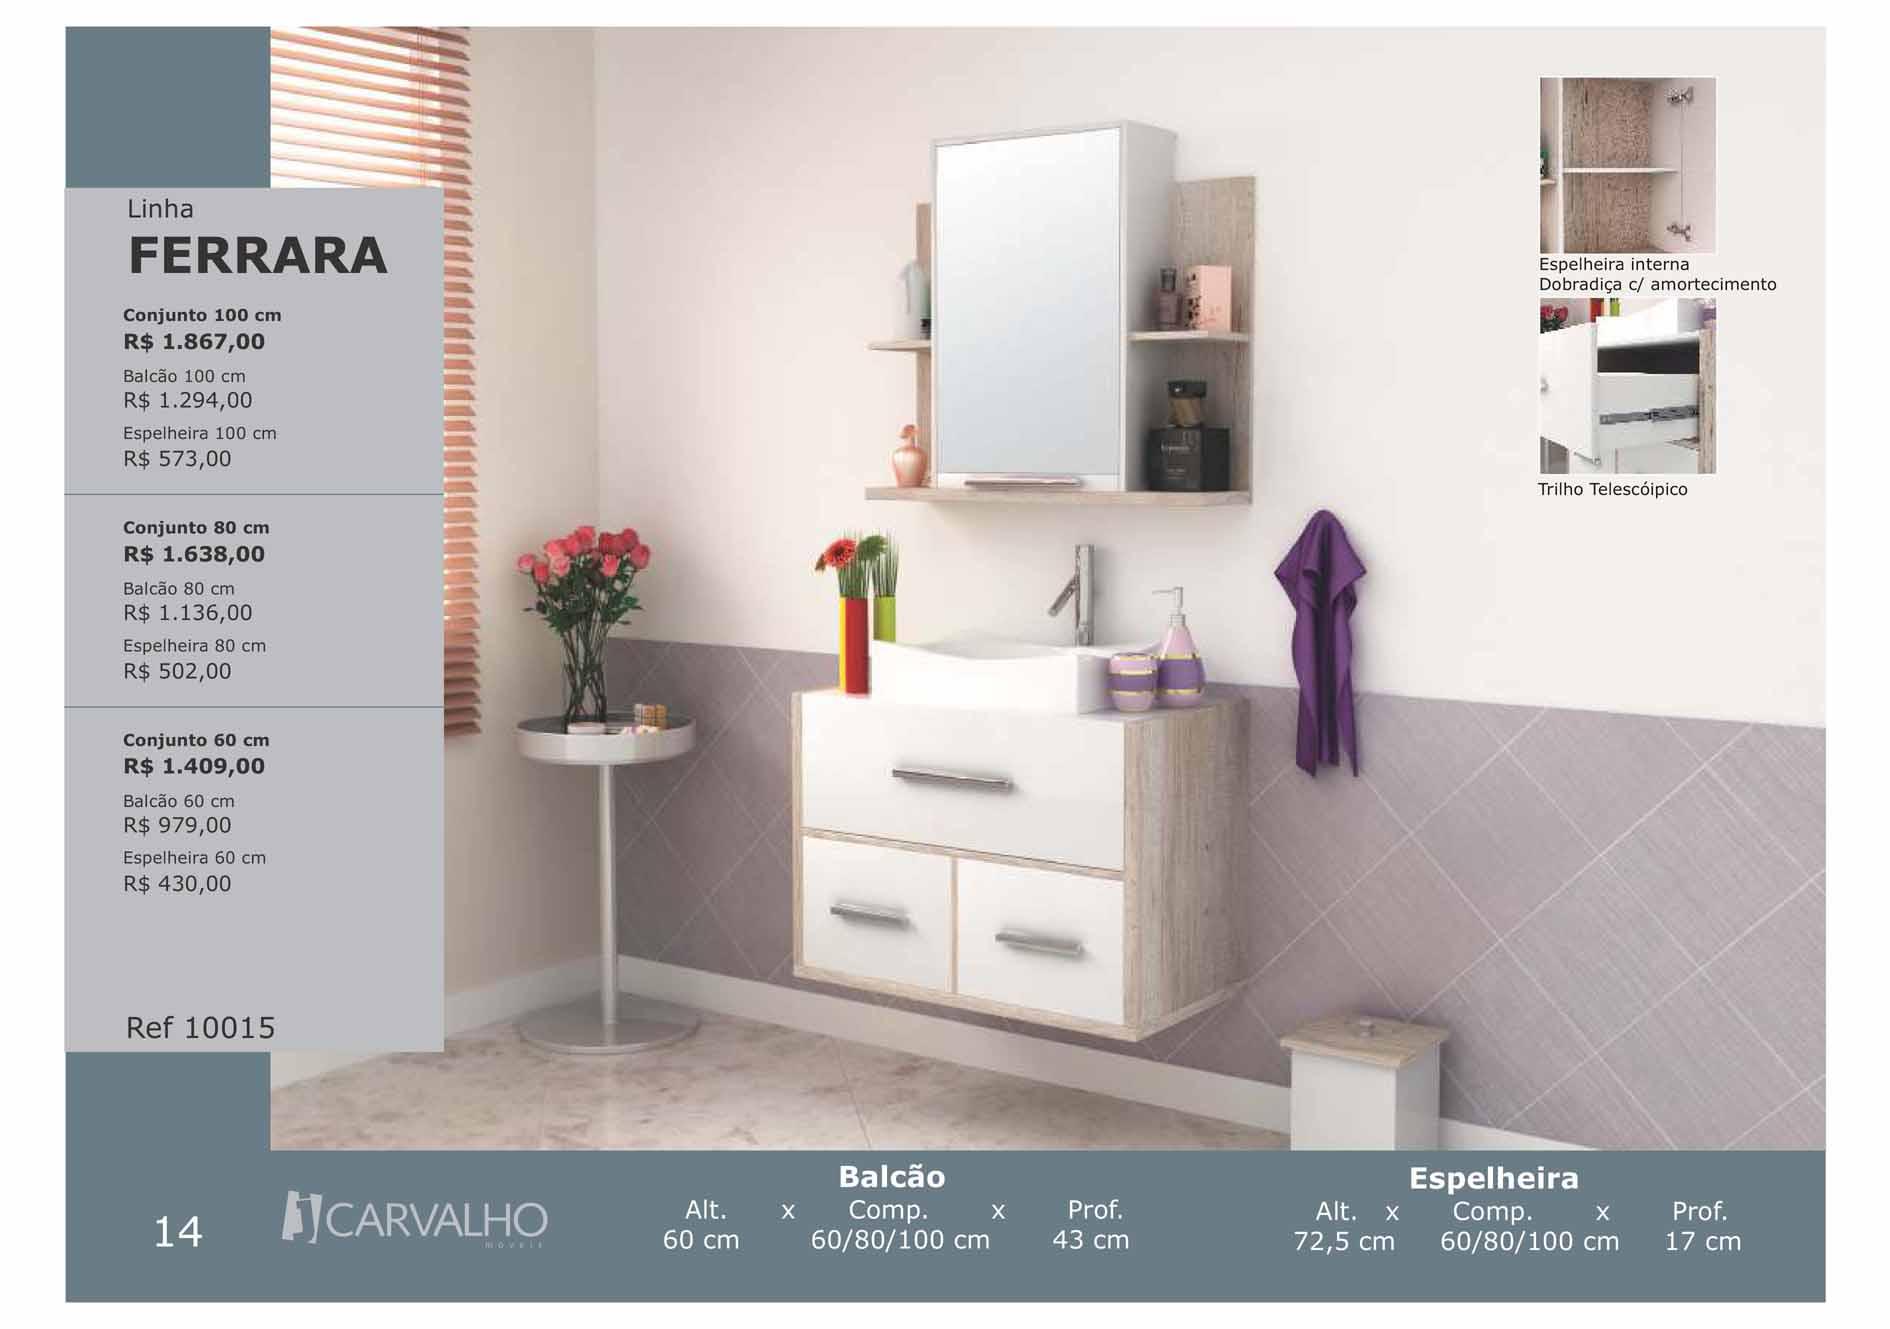 Ferrara – Ref 10015